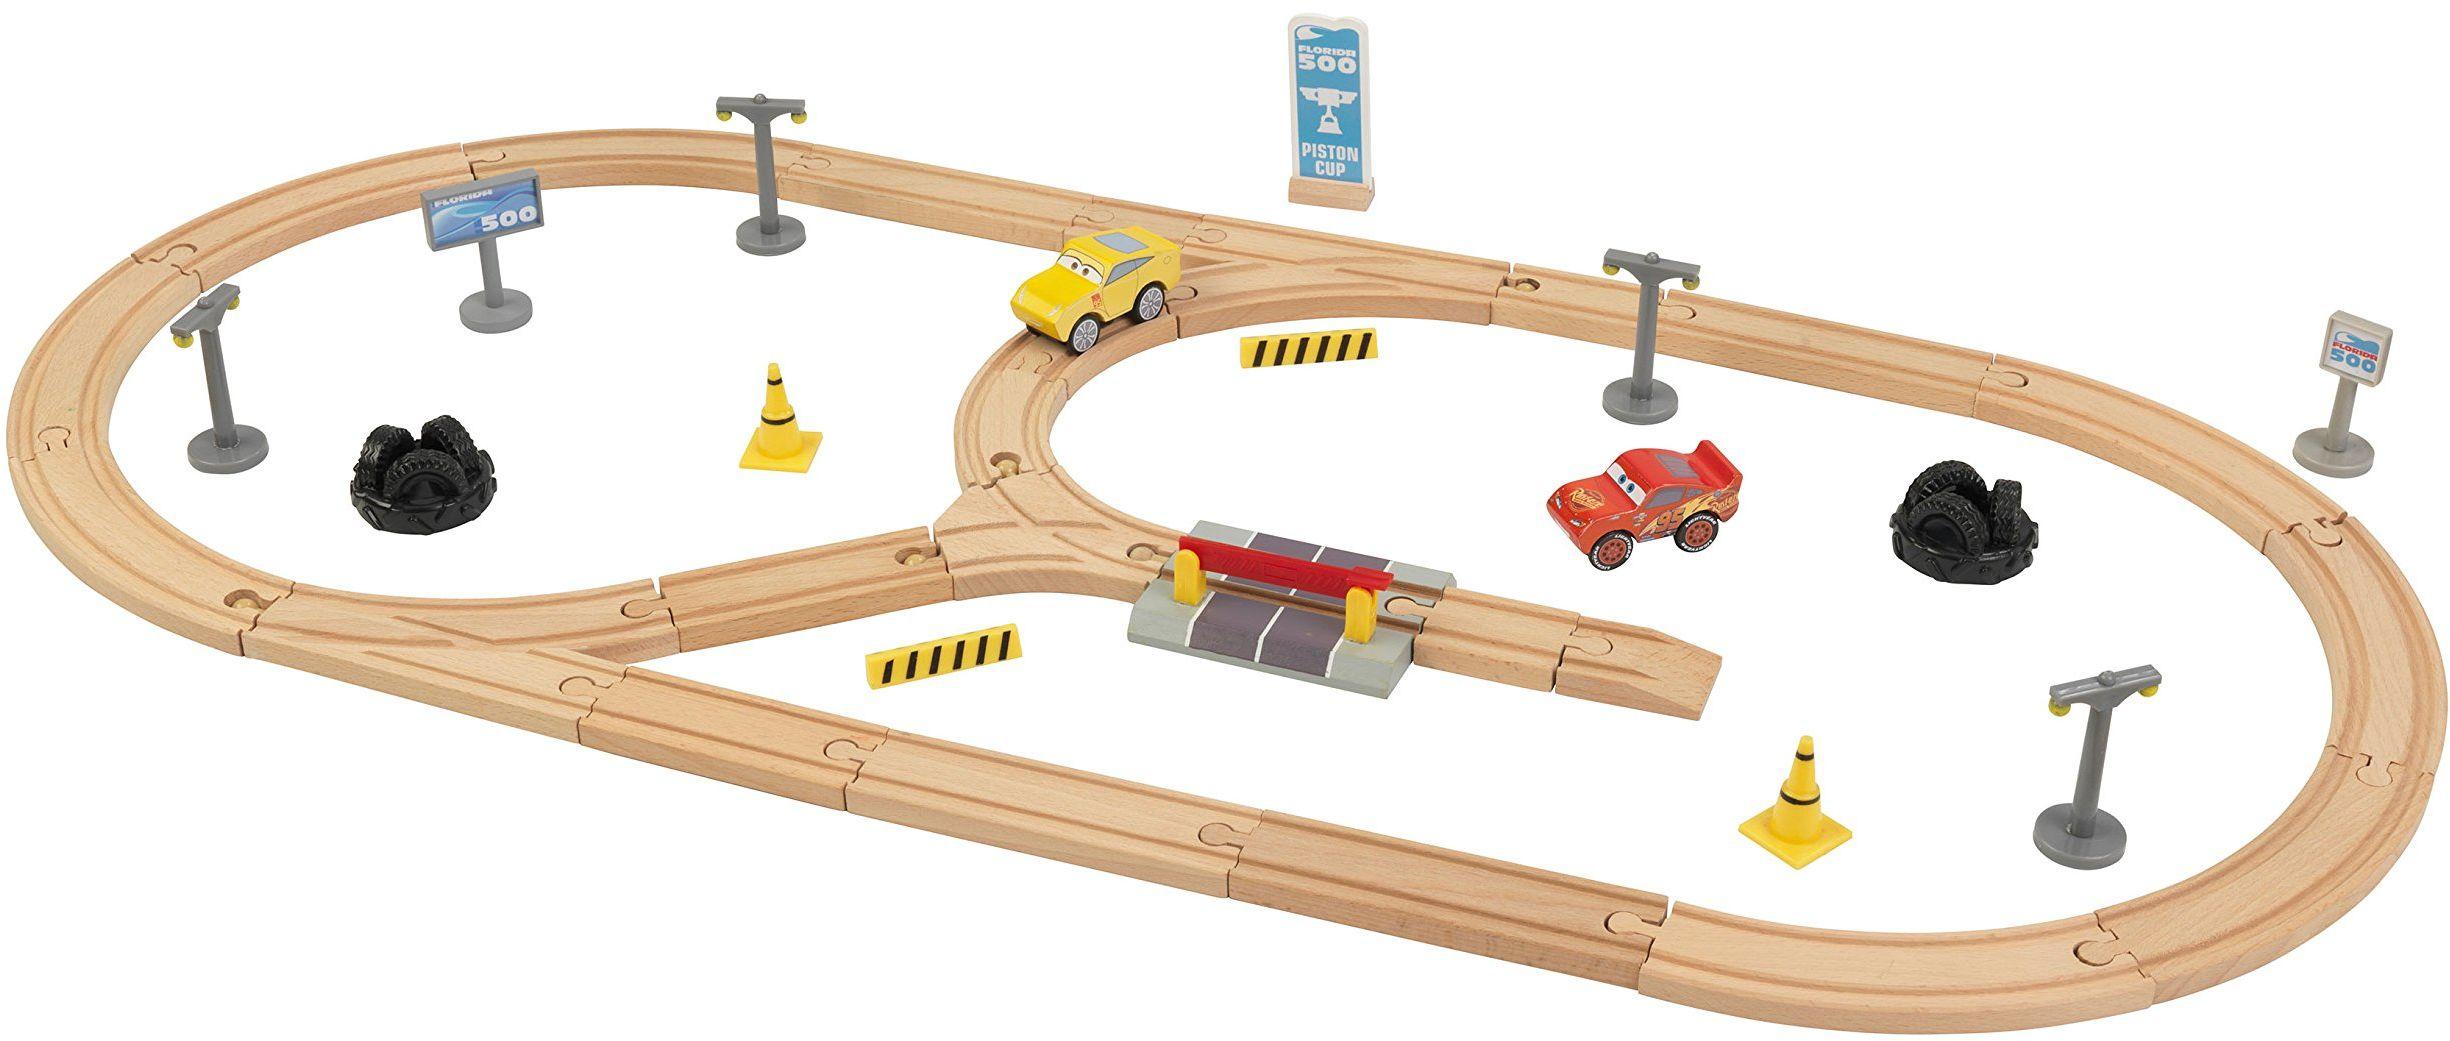 KidKraft 17213 Disney Pixar Cars 3 Build Your Own Track zestaw toru wyścigowego z drewna dla dzieci z 57 klockami, samochodami zabawkowymi i akcesoriami